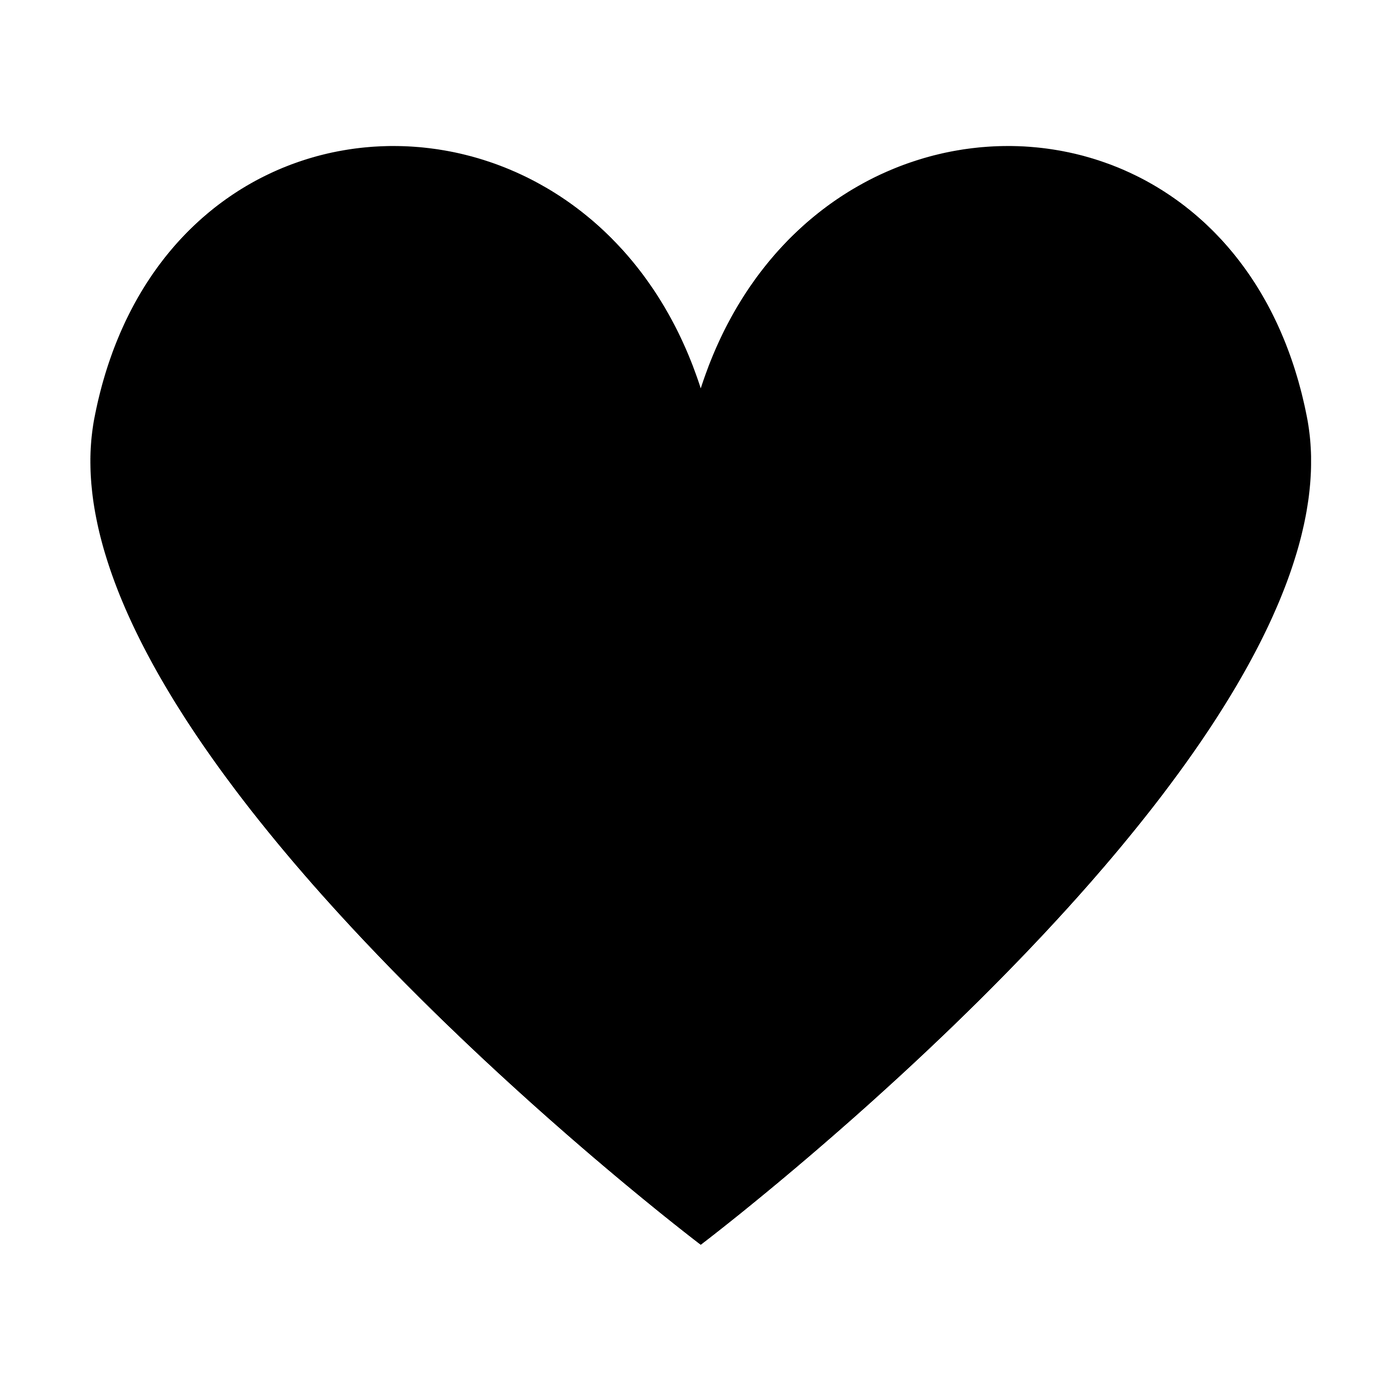 Heart Folder Black